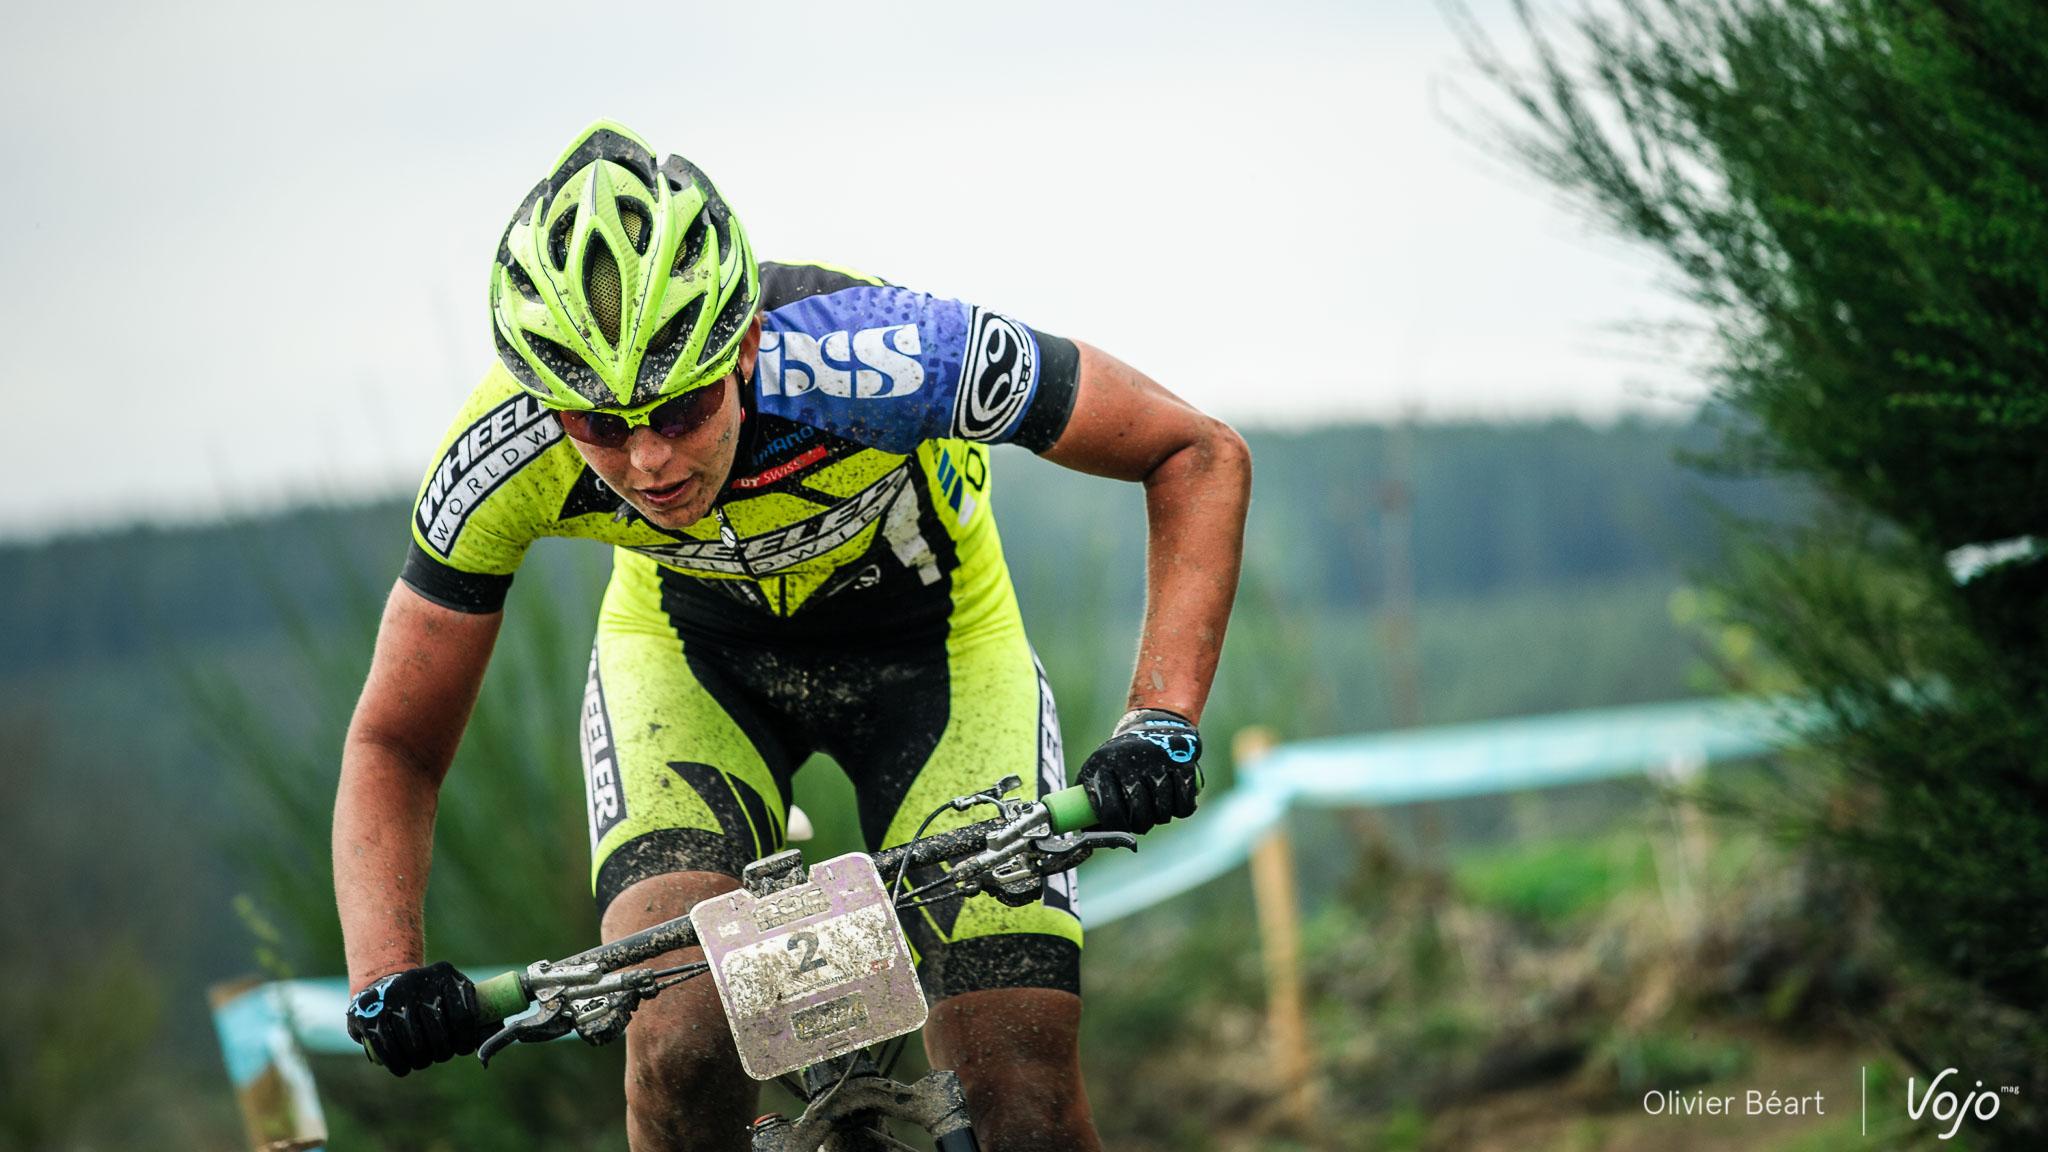 Roc_Ardenne_Marathon_Copyright_OBeart_VojoMag-17